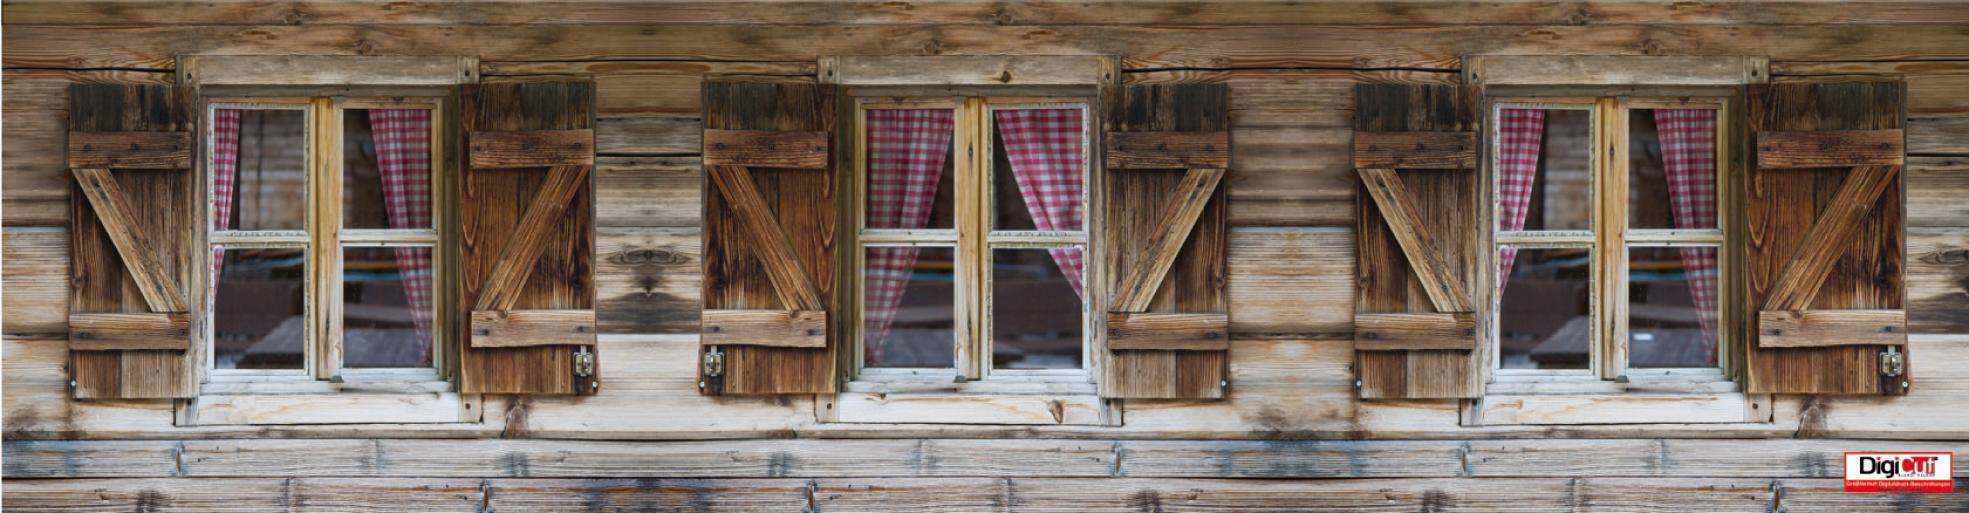 Gittex - Holzfenster  1150x300 cm